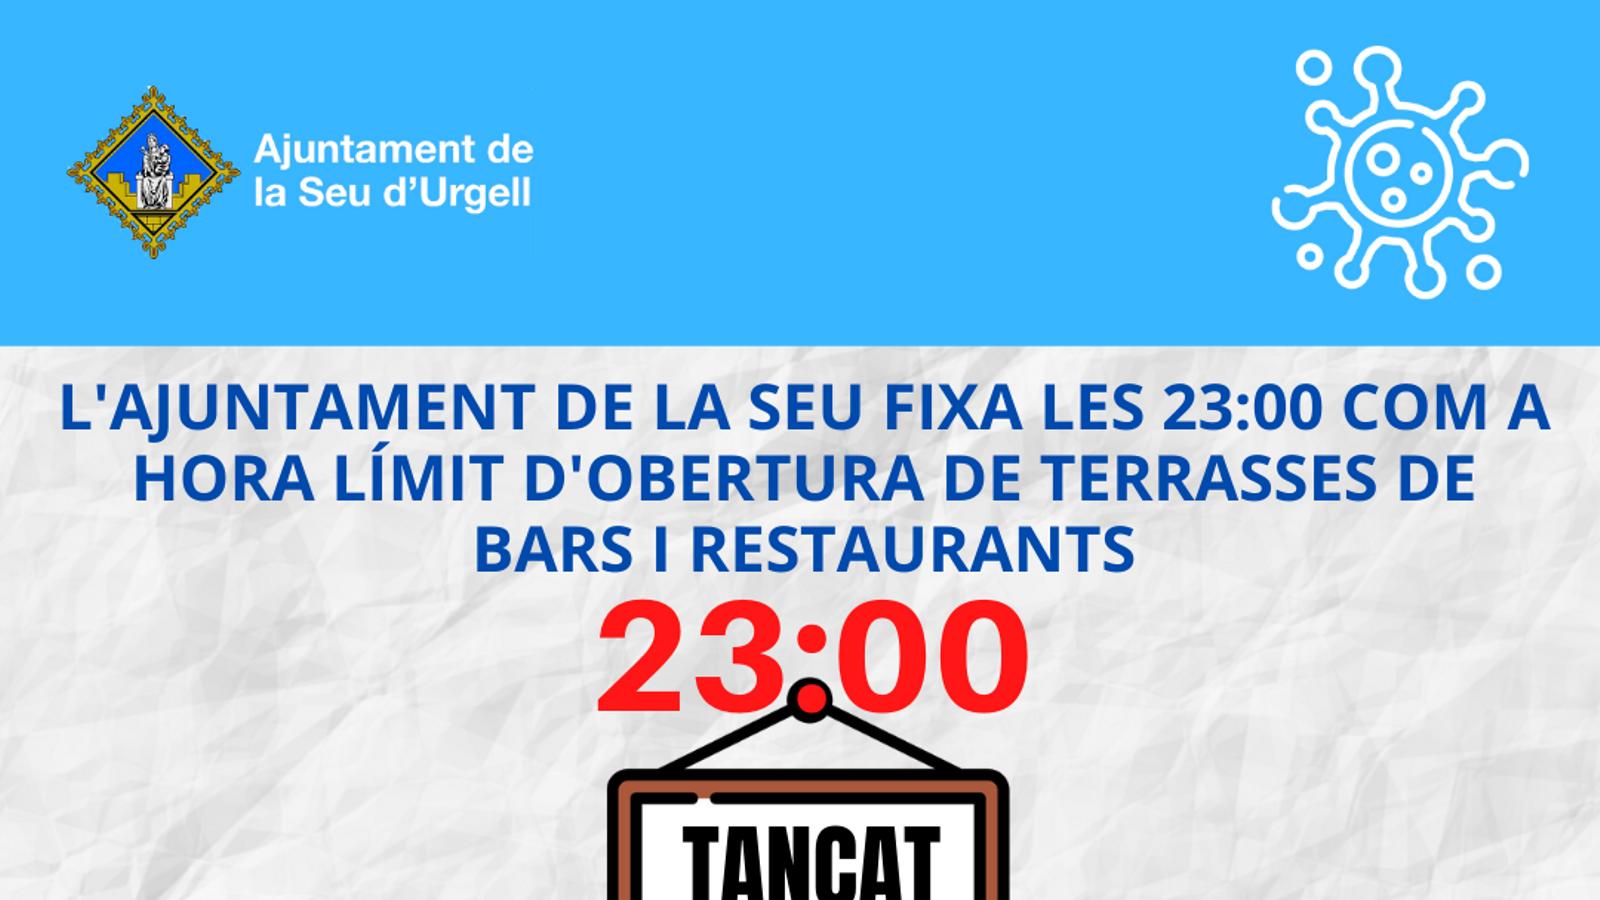 Cartell d'horaris de terrasses de bars i restaurants. / Ajuntament de la Seu d'Urgell